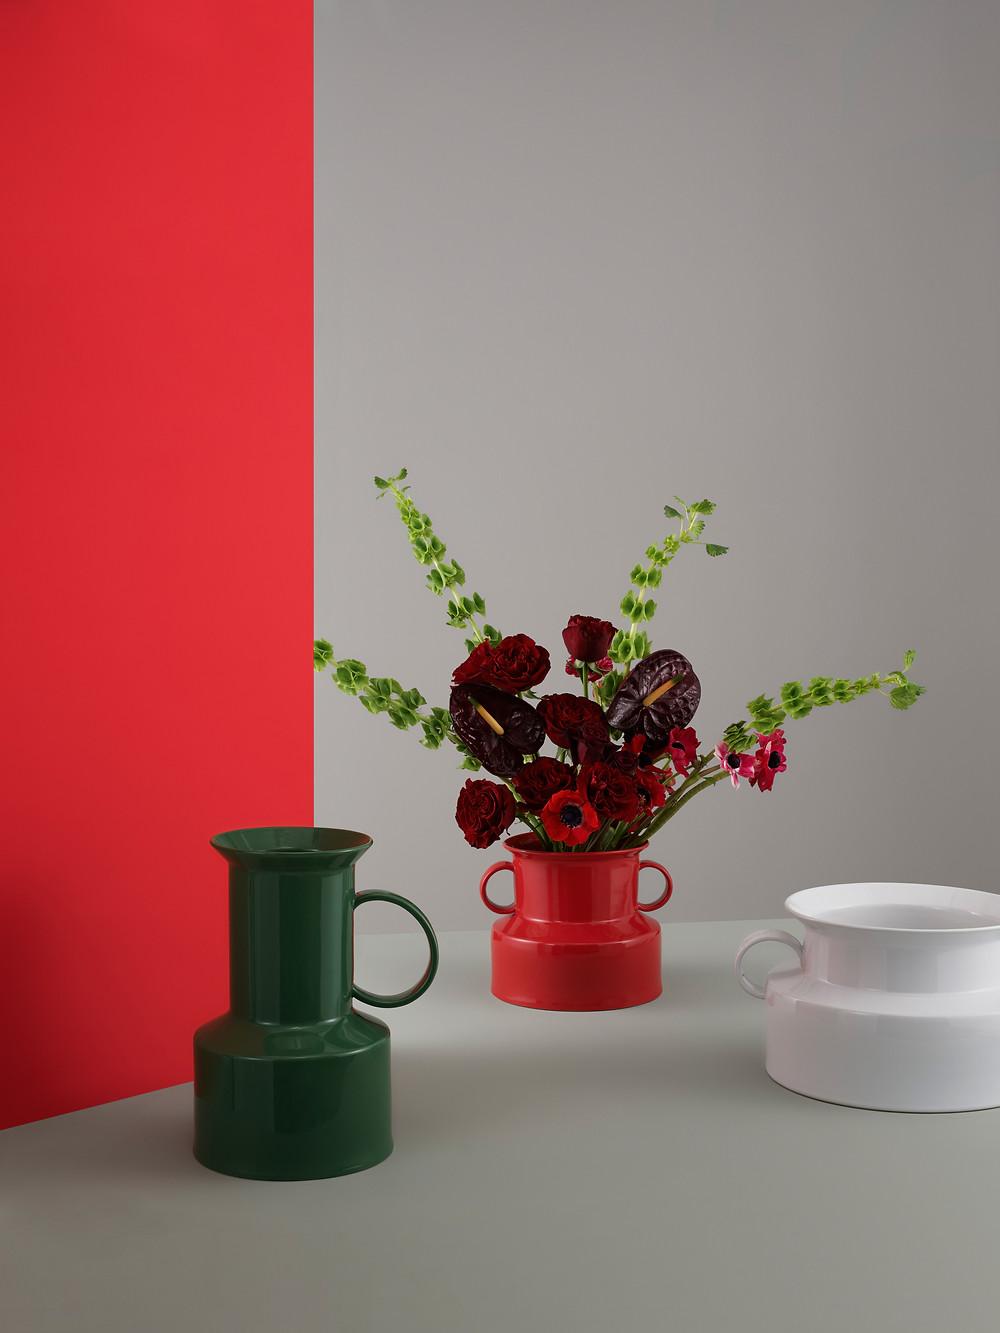 PANTO vaasid sobivad ka lillepottideks või on lihtsalt pilgupüüdjad